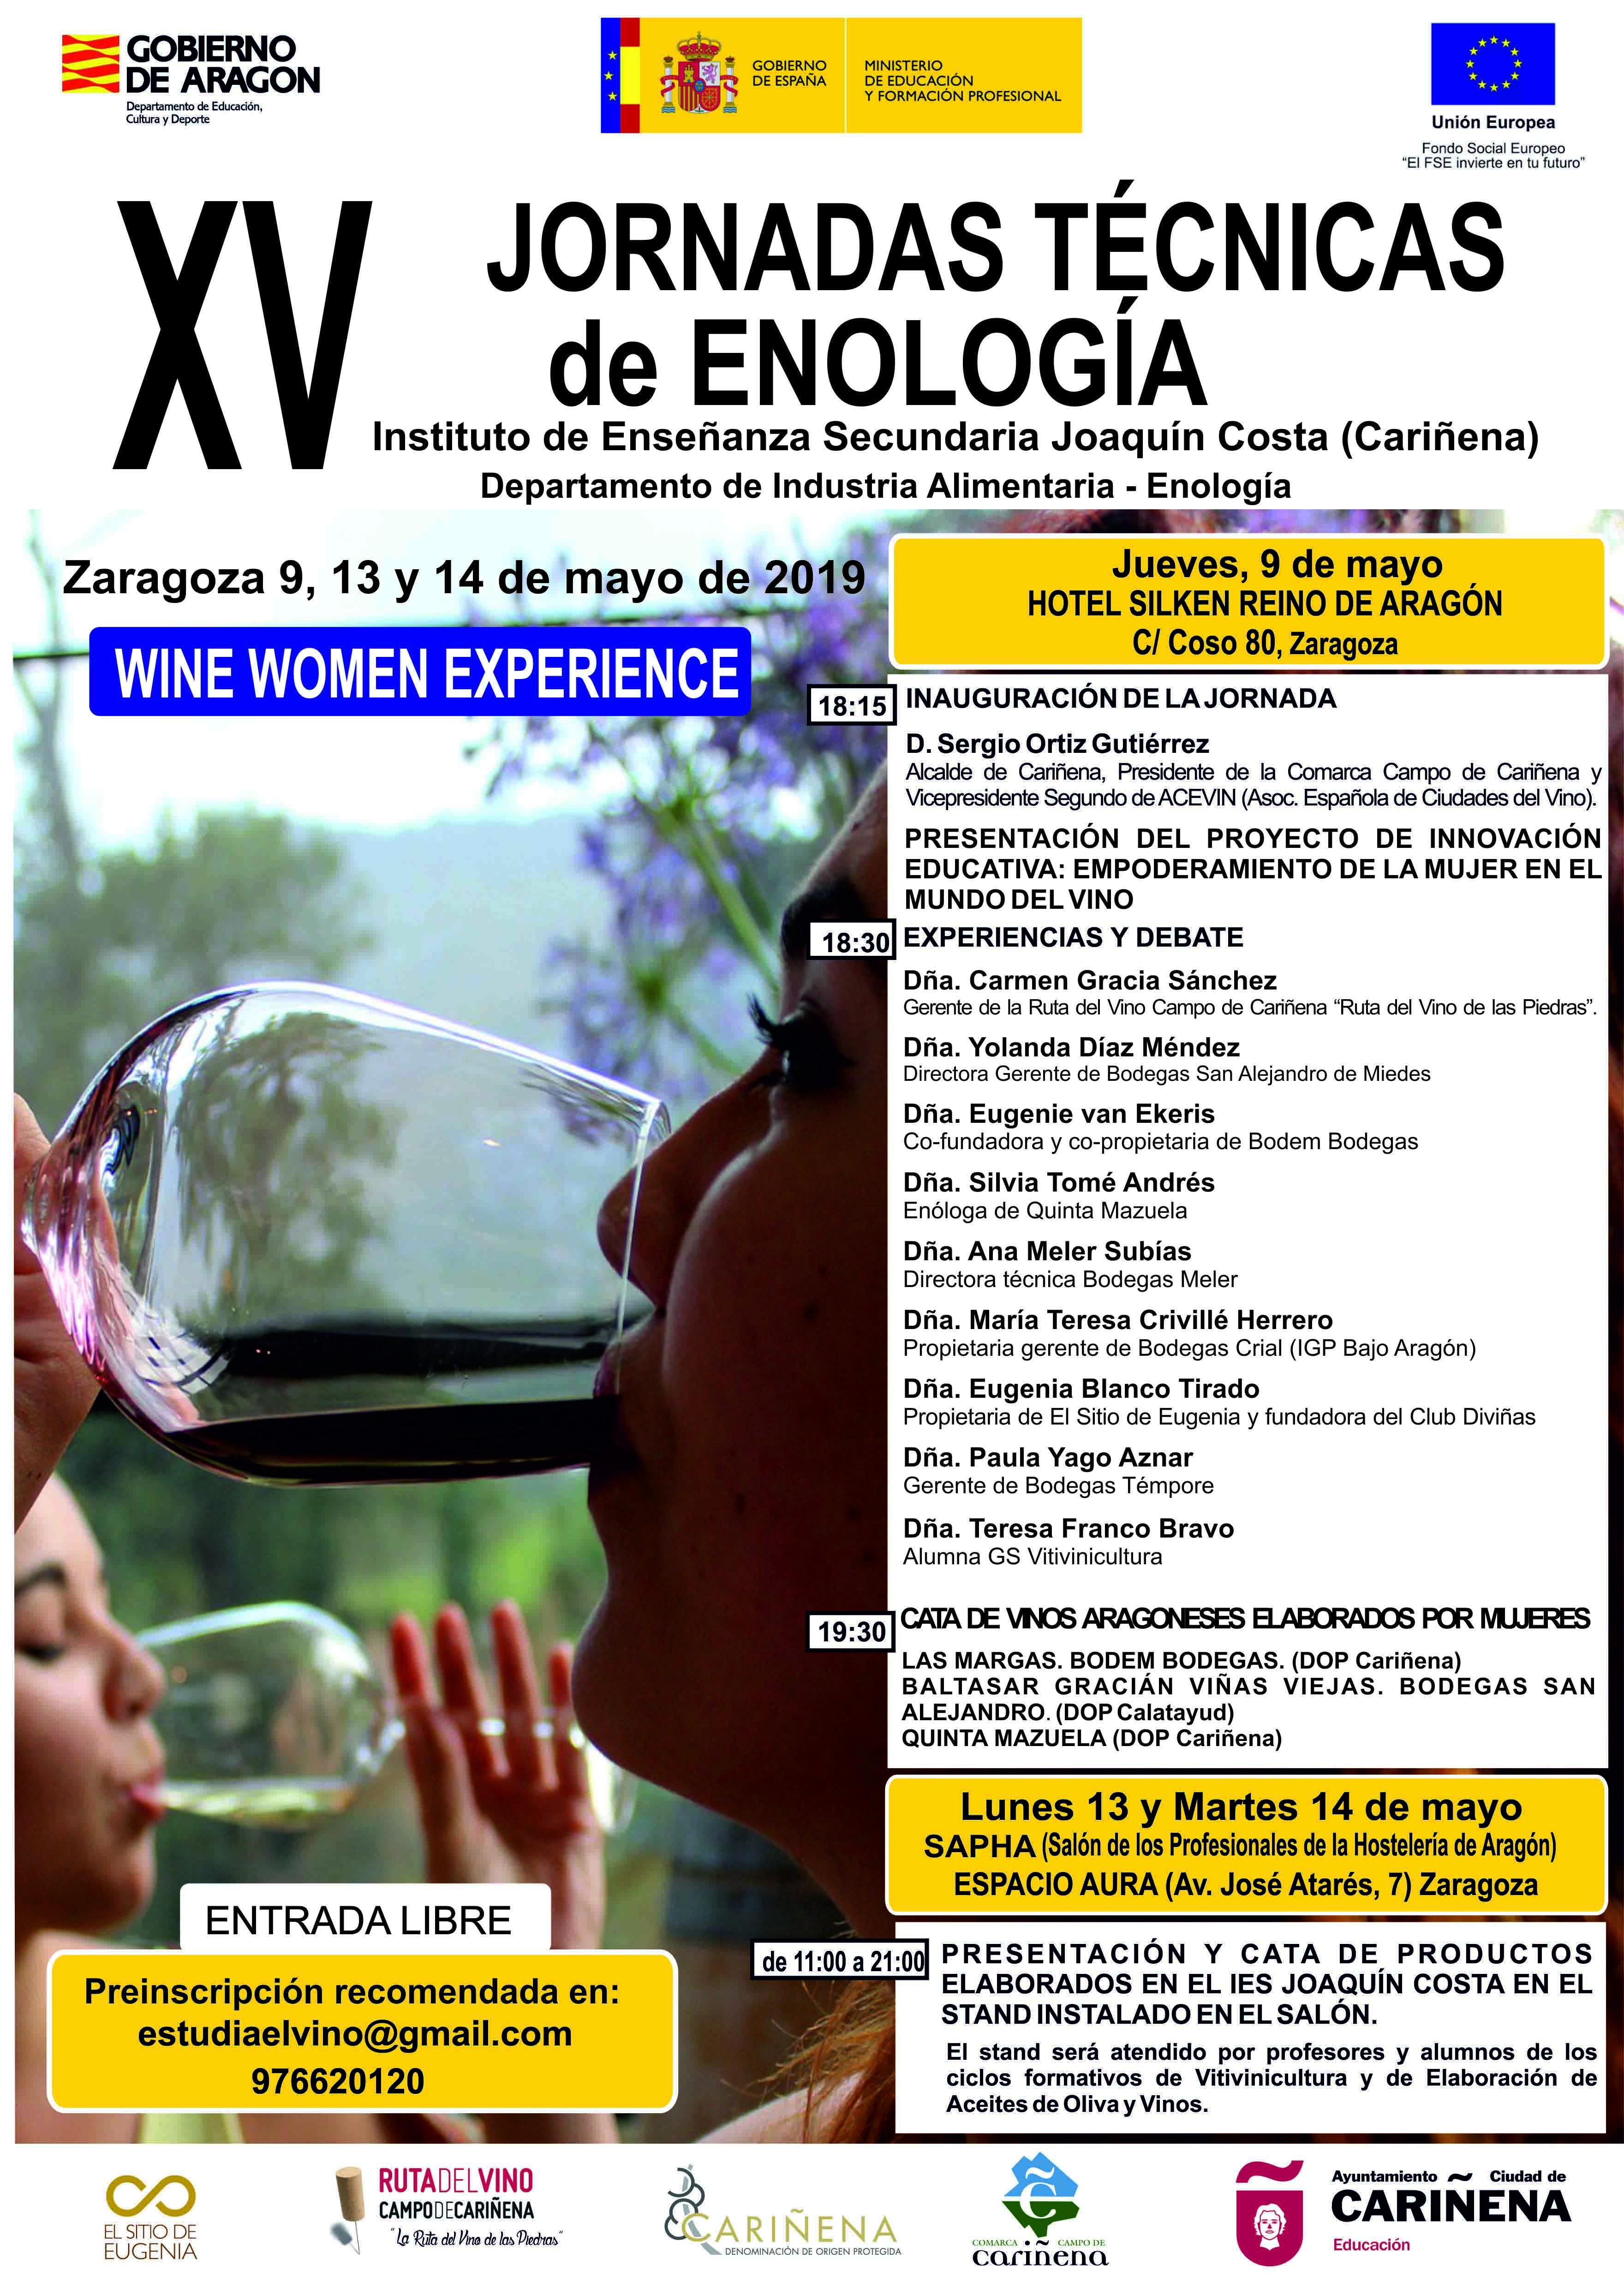 Cartel de excepción para las XV Jornadas Técnicas de Enología dedicadas al empoderamiento de la mujer en el mundo del vino